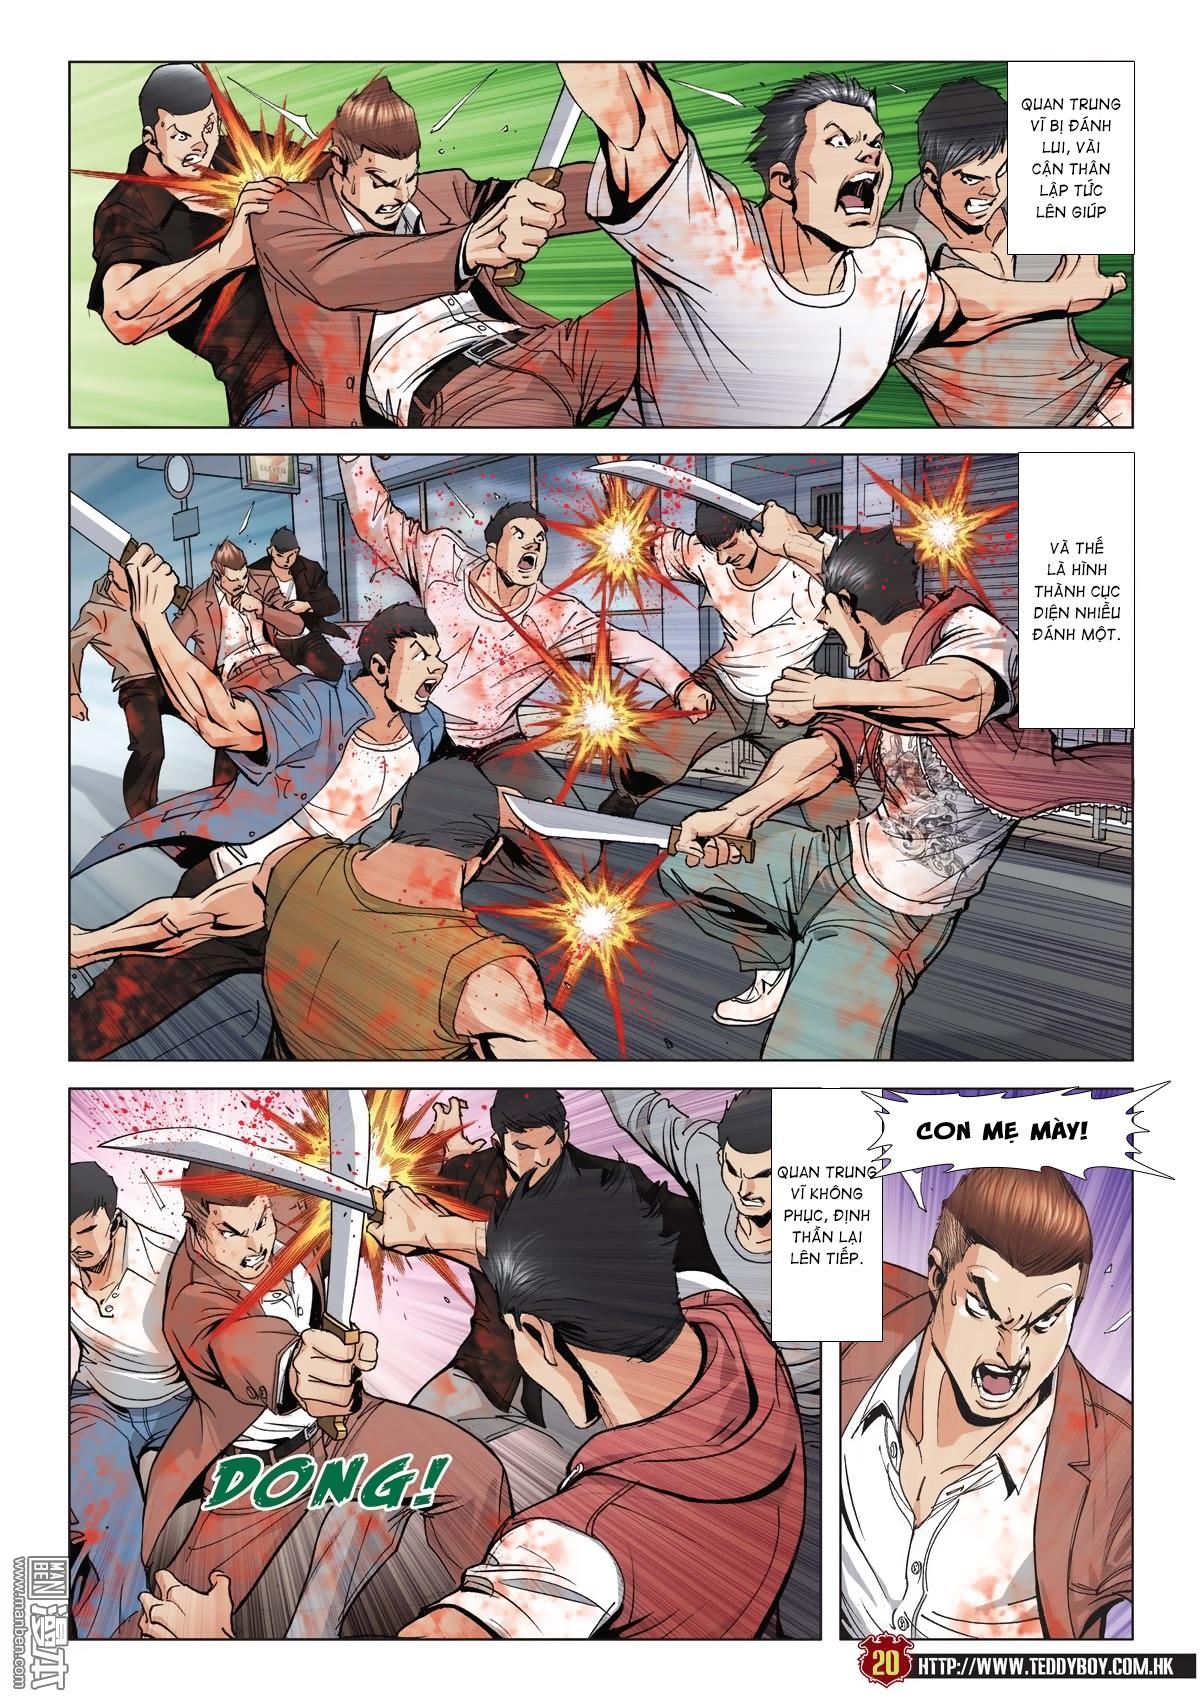 Người Trong Giang Hồ chapter 2015: tọa sơn hổ vs đại phạn trang 17